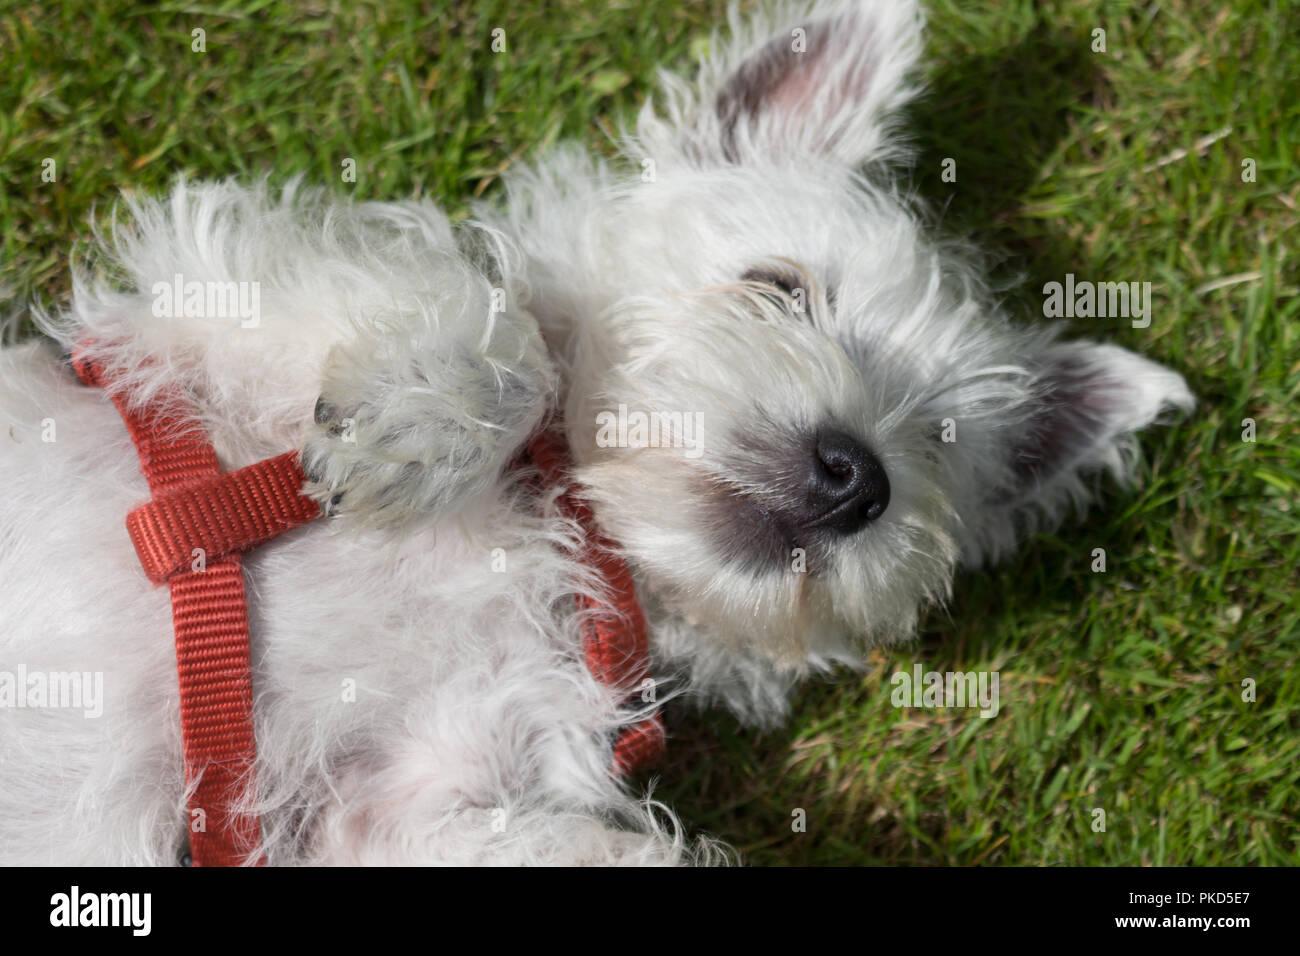 West Highland White Terrier, comunemente noto come un Westie. Stare sdraiato sulla schiena in erba con un cavo rosso. Foto Stock